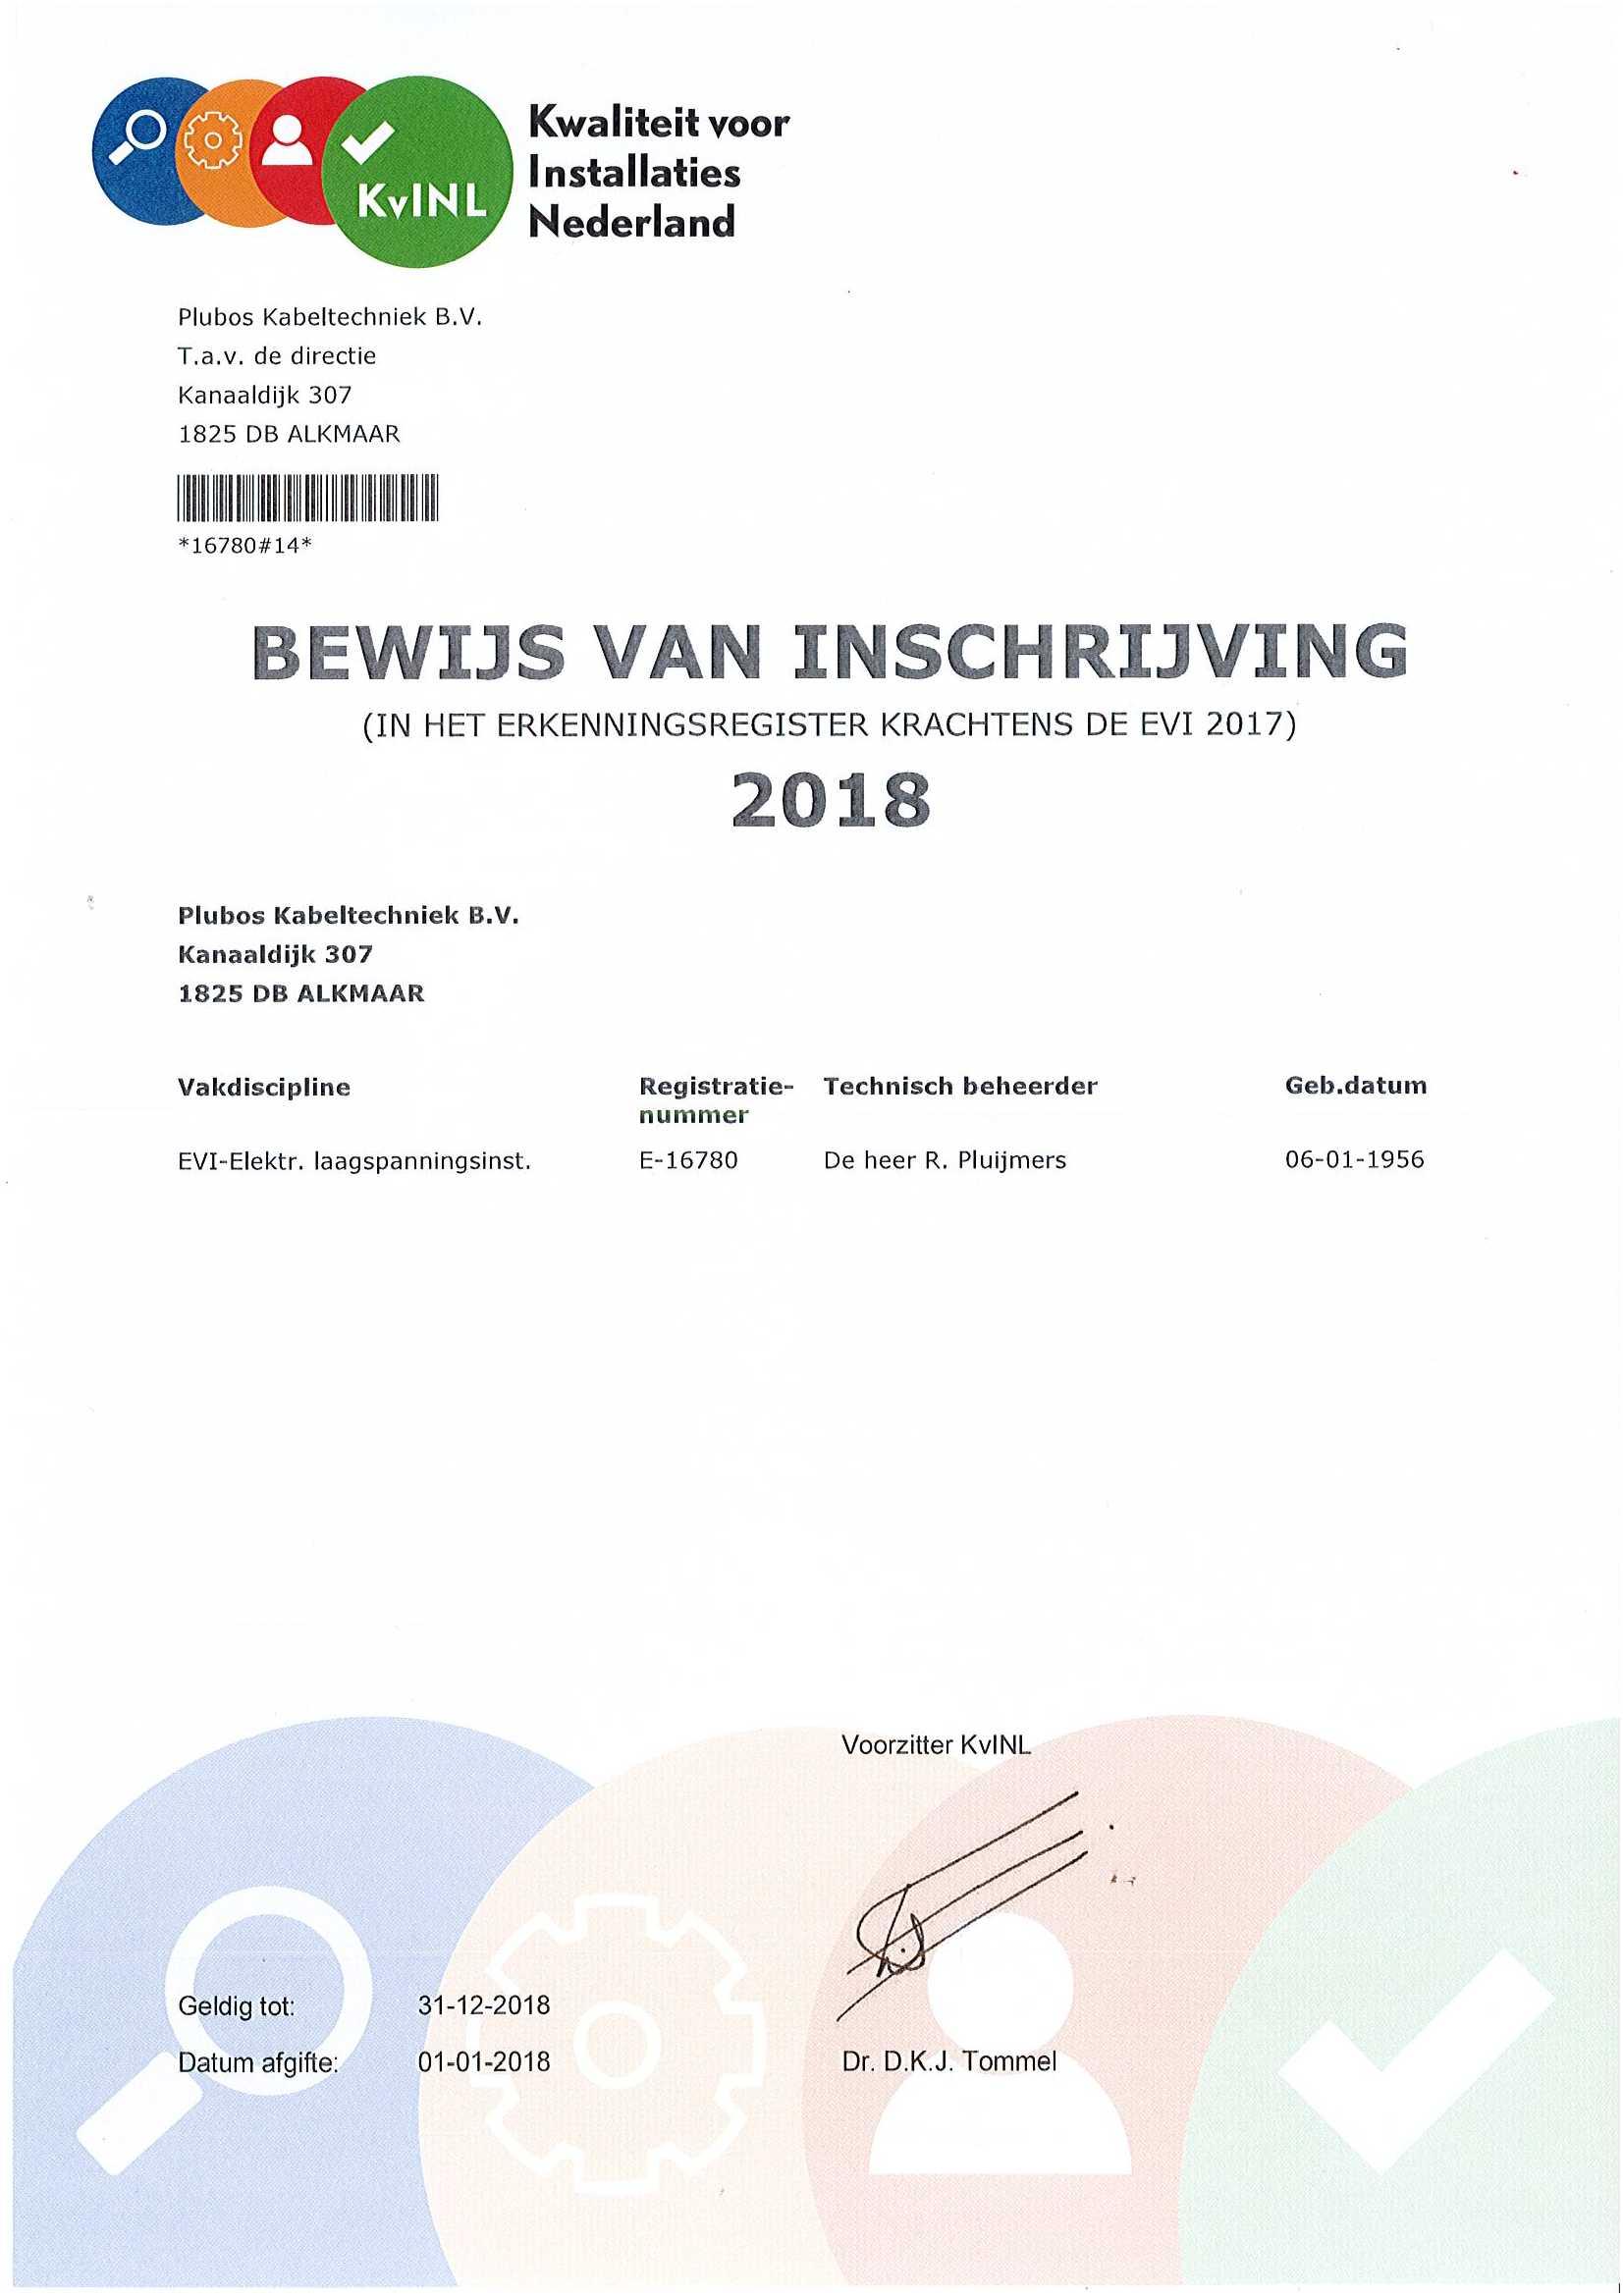 KvINL Bewijs van lidmaatschap 2018